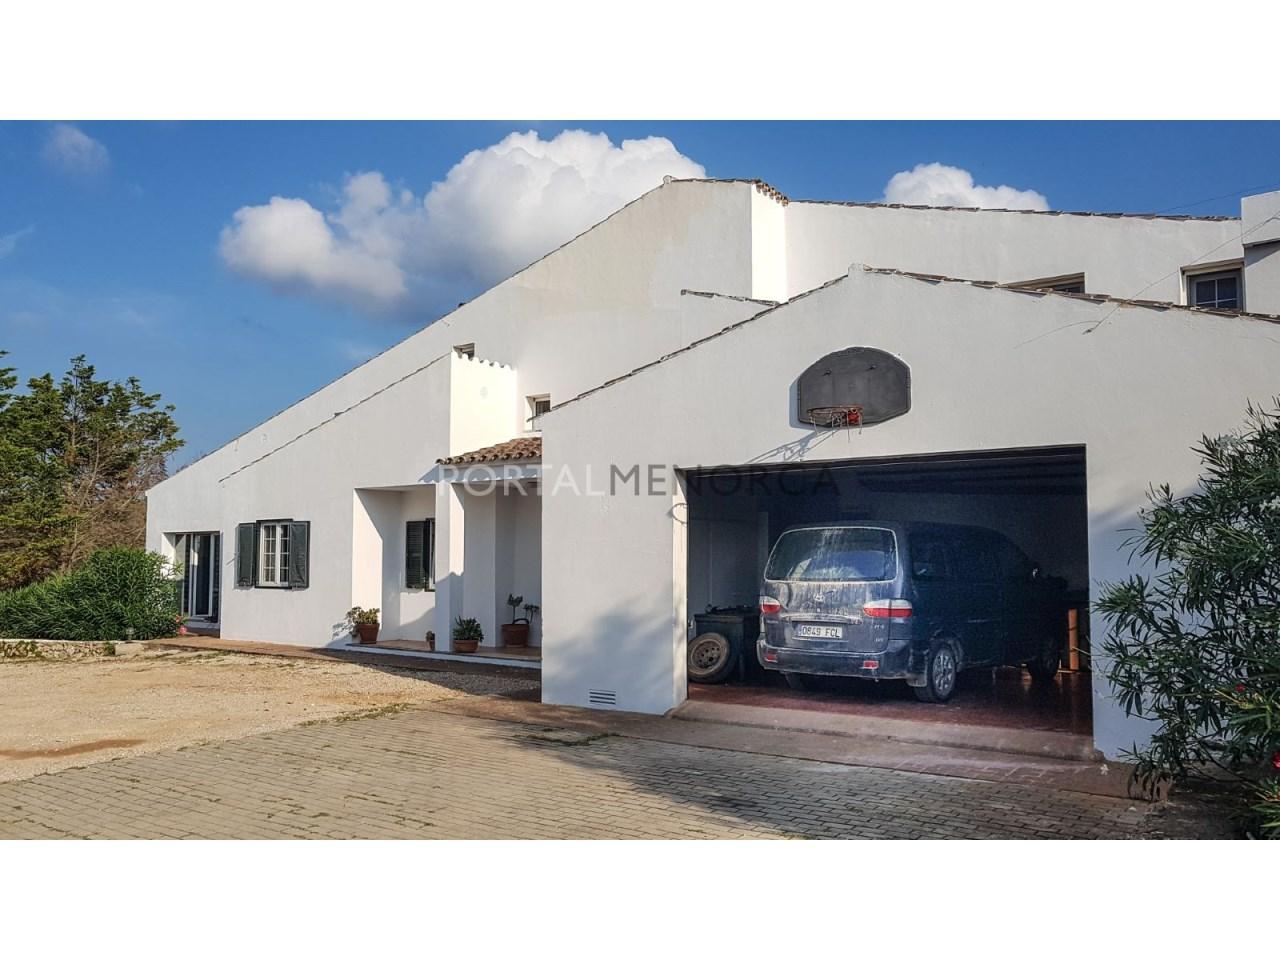 vendre-maison-campagne-menorca (2)